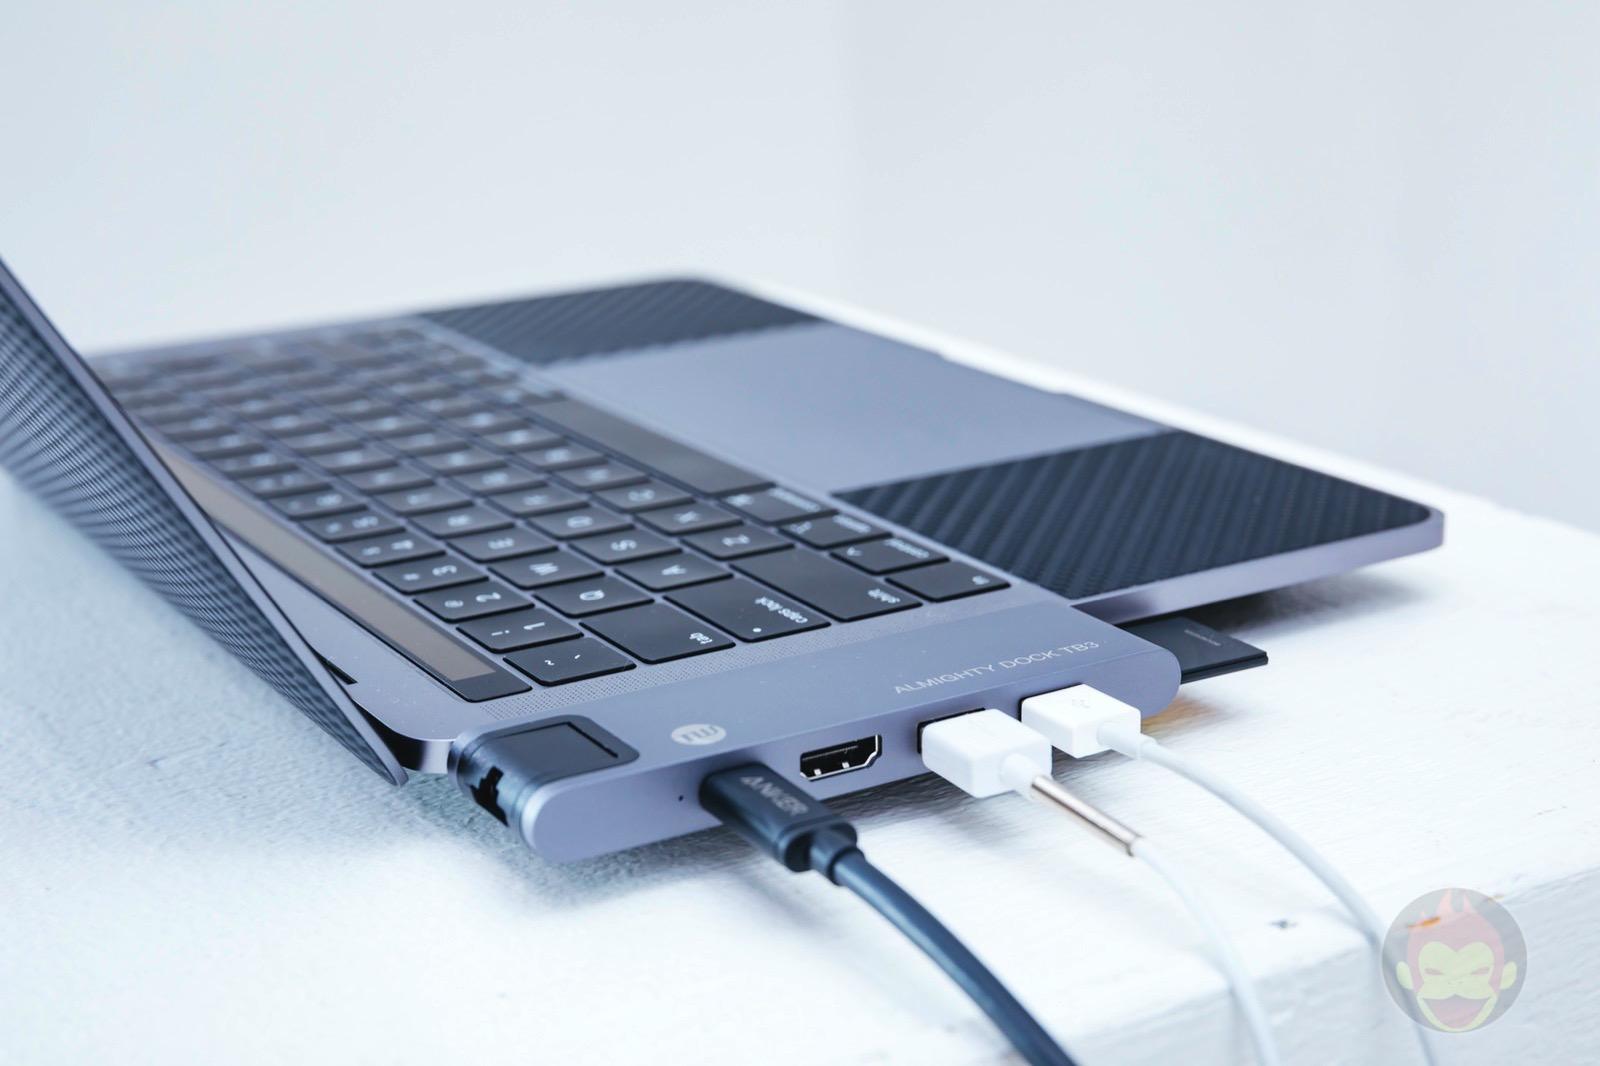 Tunewear-Almighty-TB3-Dock-for-MacBookPro2018-01.jpg